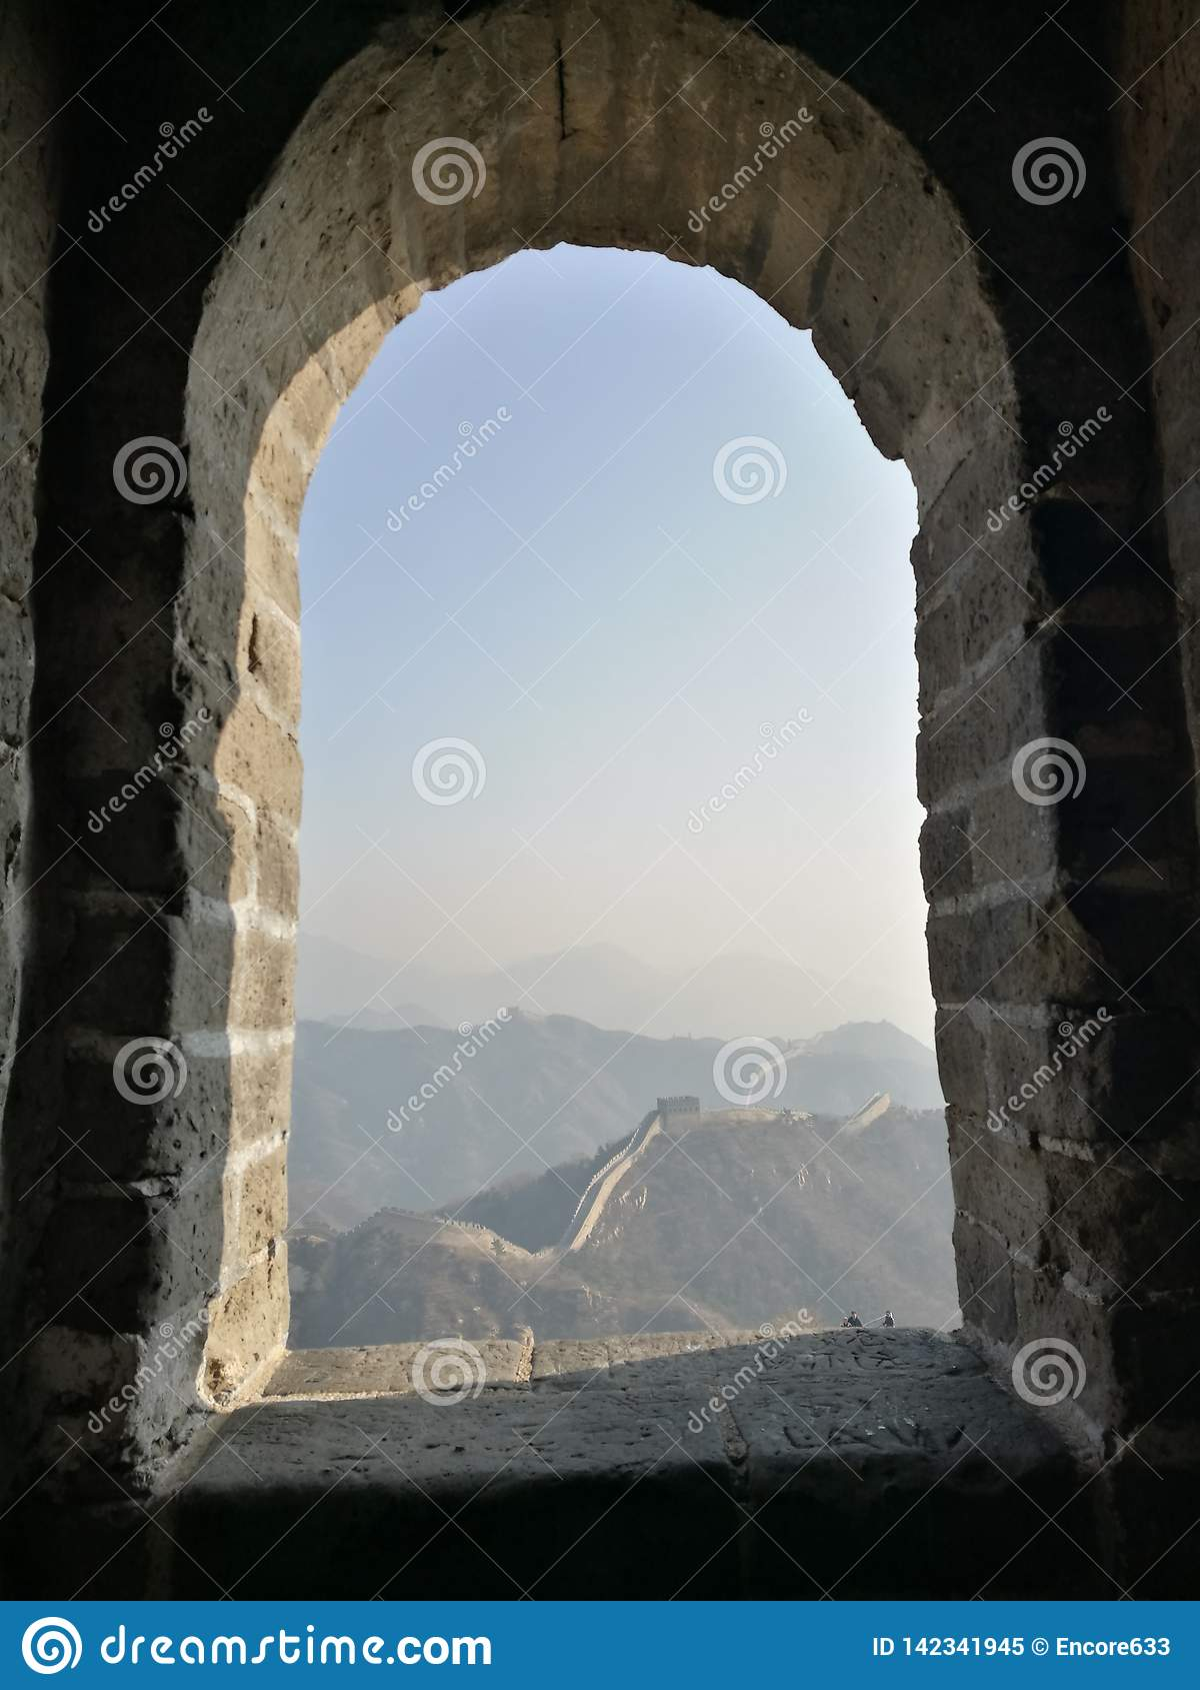 Betrachten Sie die Chinesische Mauer durch das Fensterloch